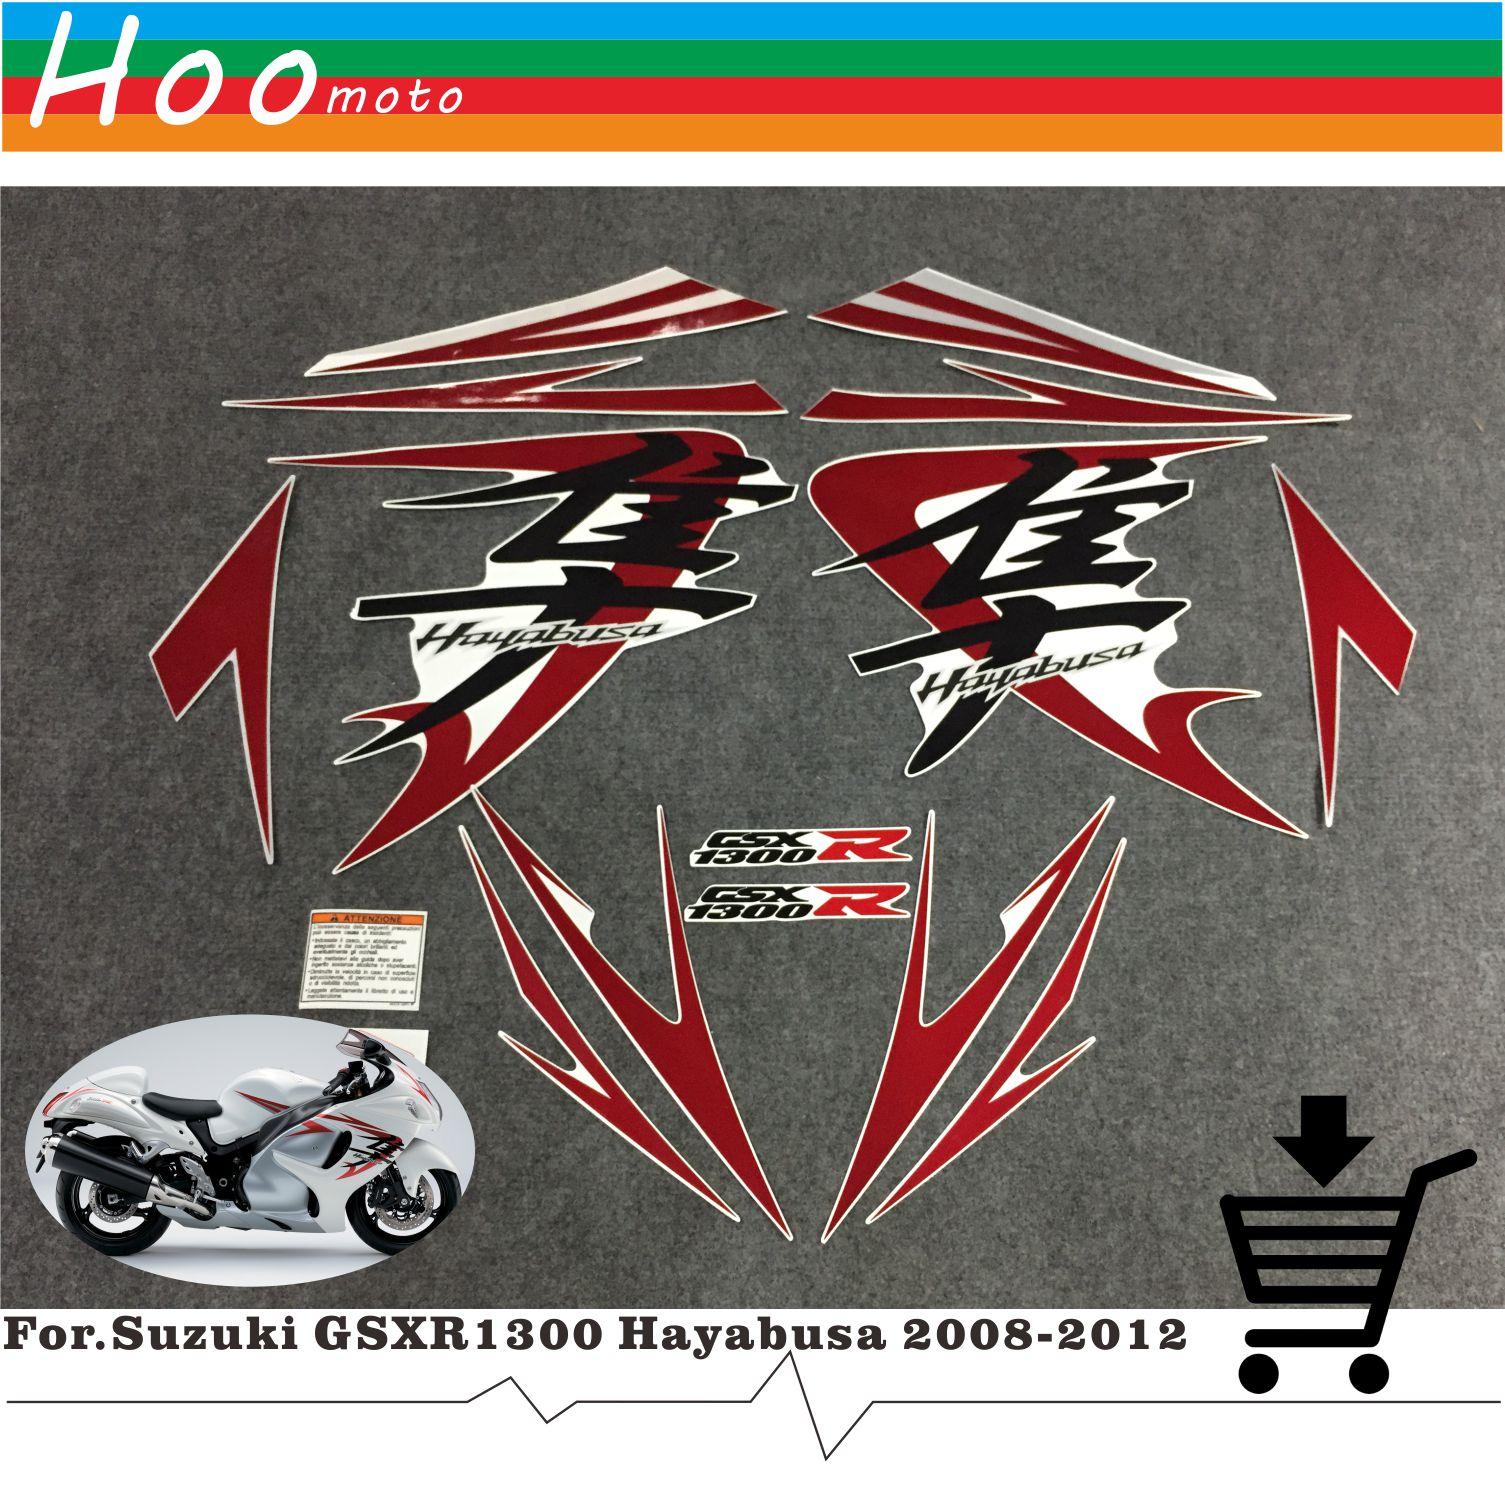 Для Suzuki GSXR1300 GSXR 1300 GSX R 1300 Hayabusa 2008-2012 наклейки этикетки мотоцикл весь автомобиля наклейки и надписи DIY MOTO